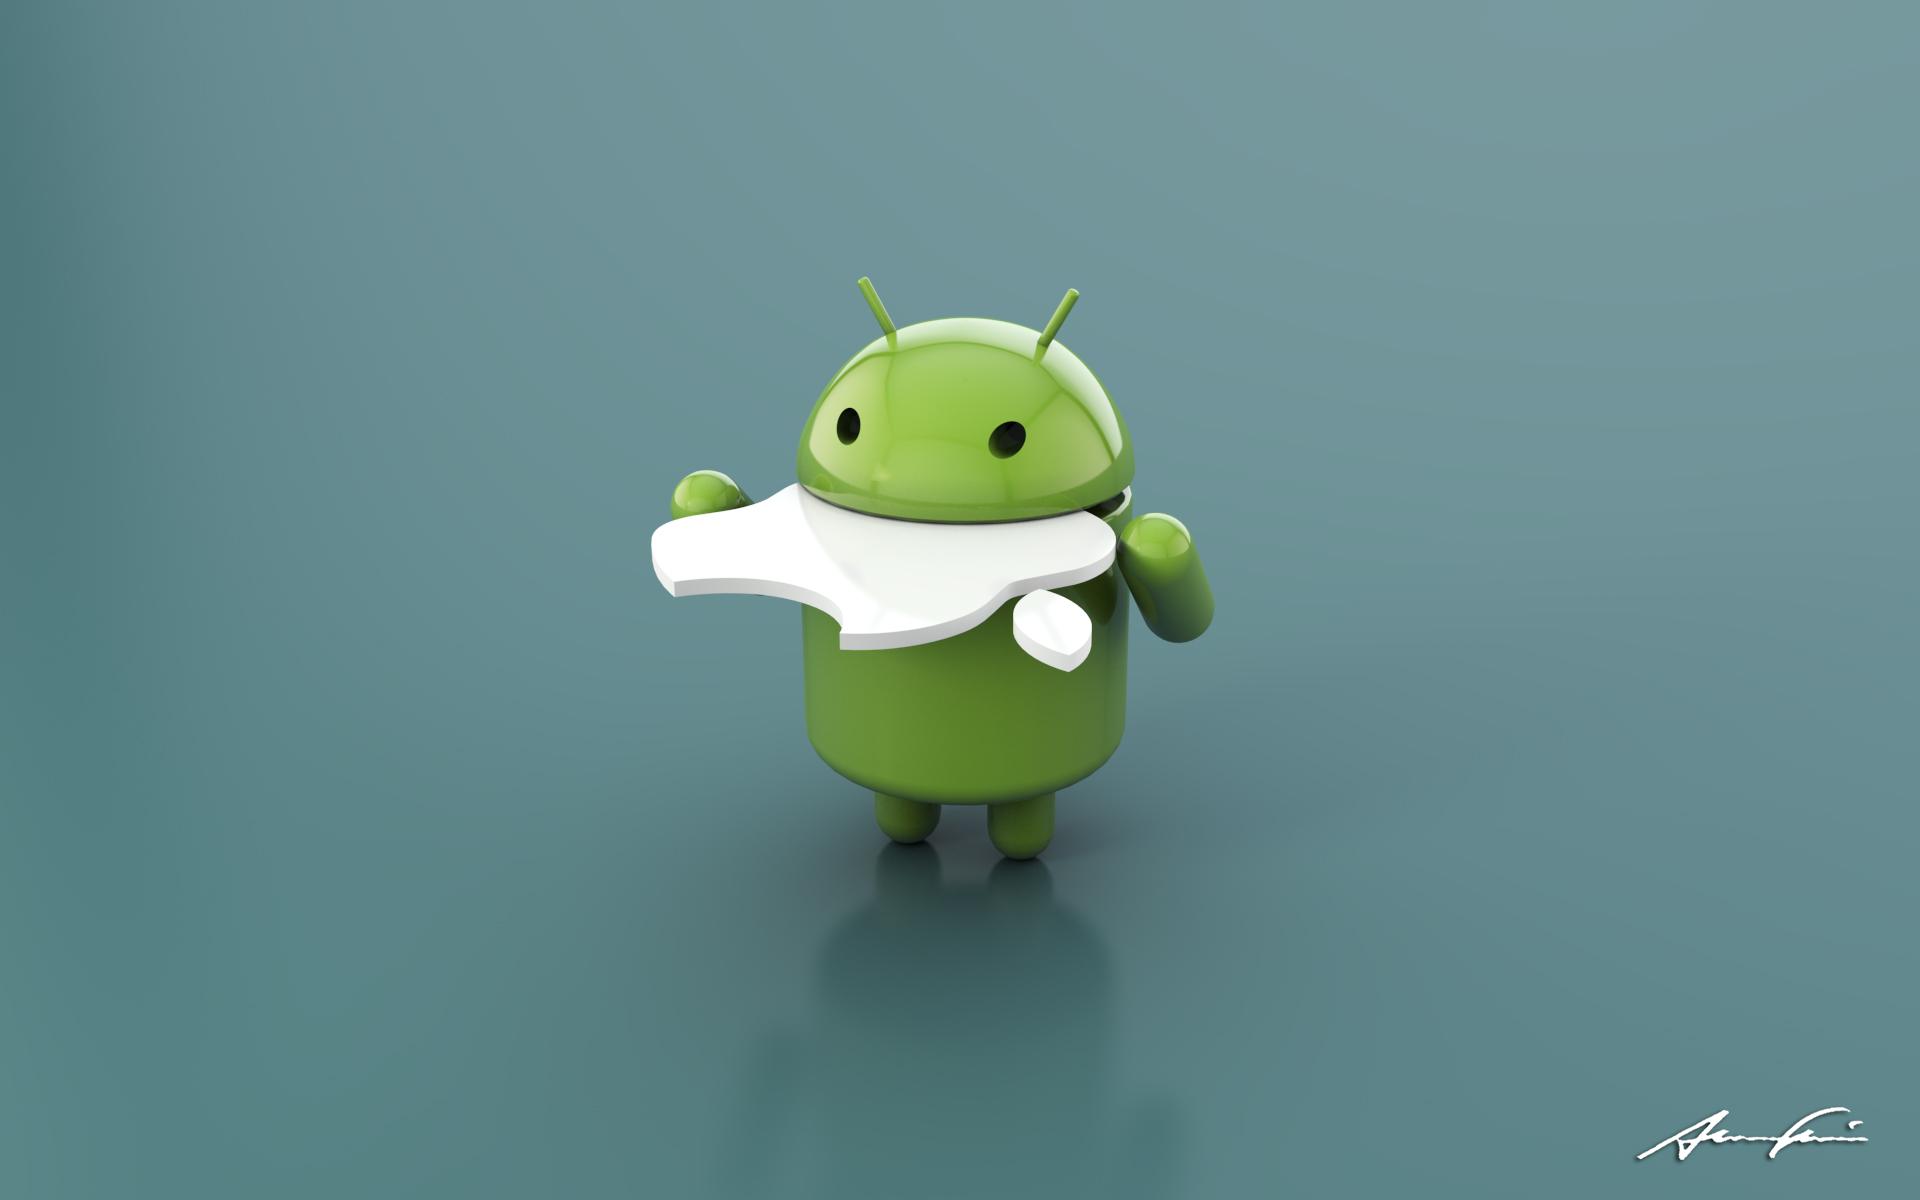 Картинки На Обои Телефона Андроид Скачать